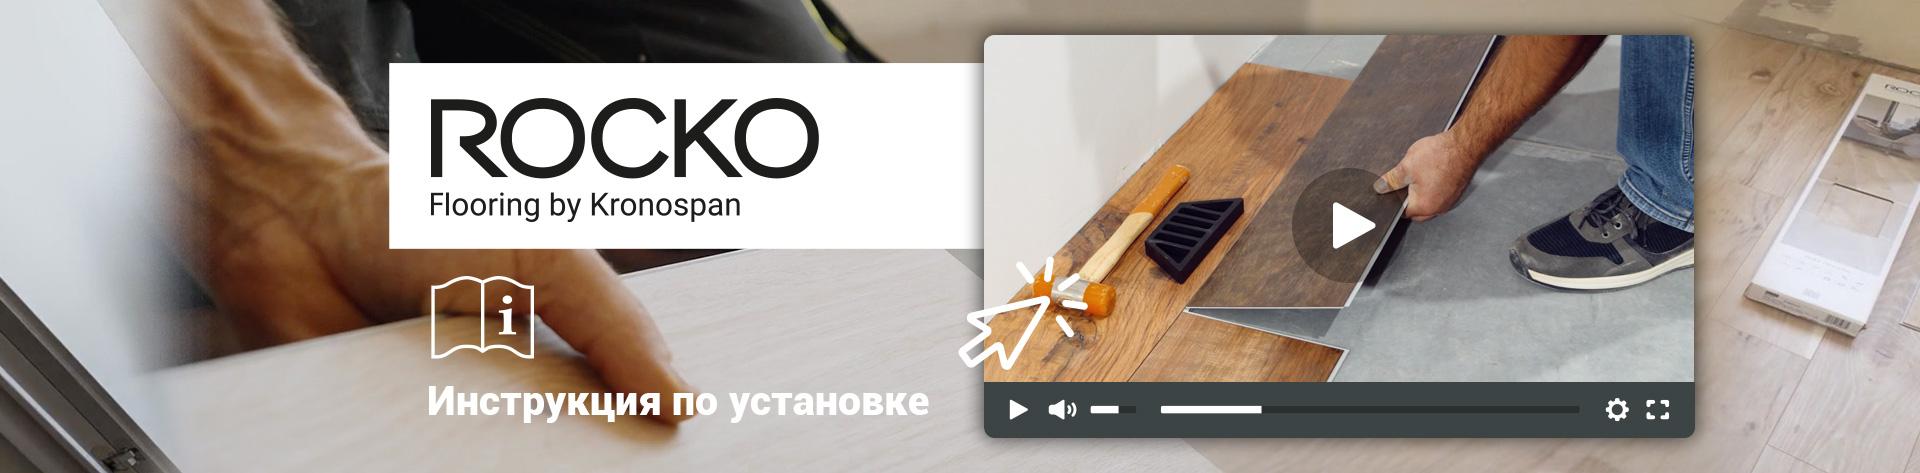 slider_flooring_install_ru.jpg